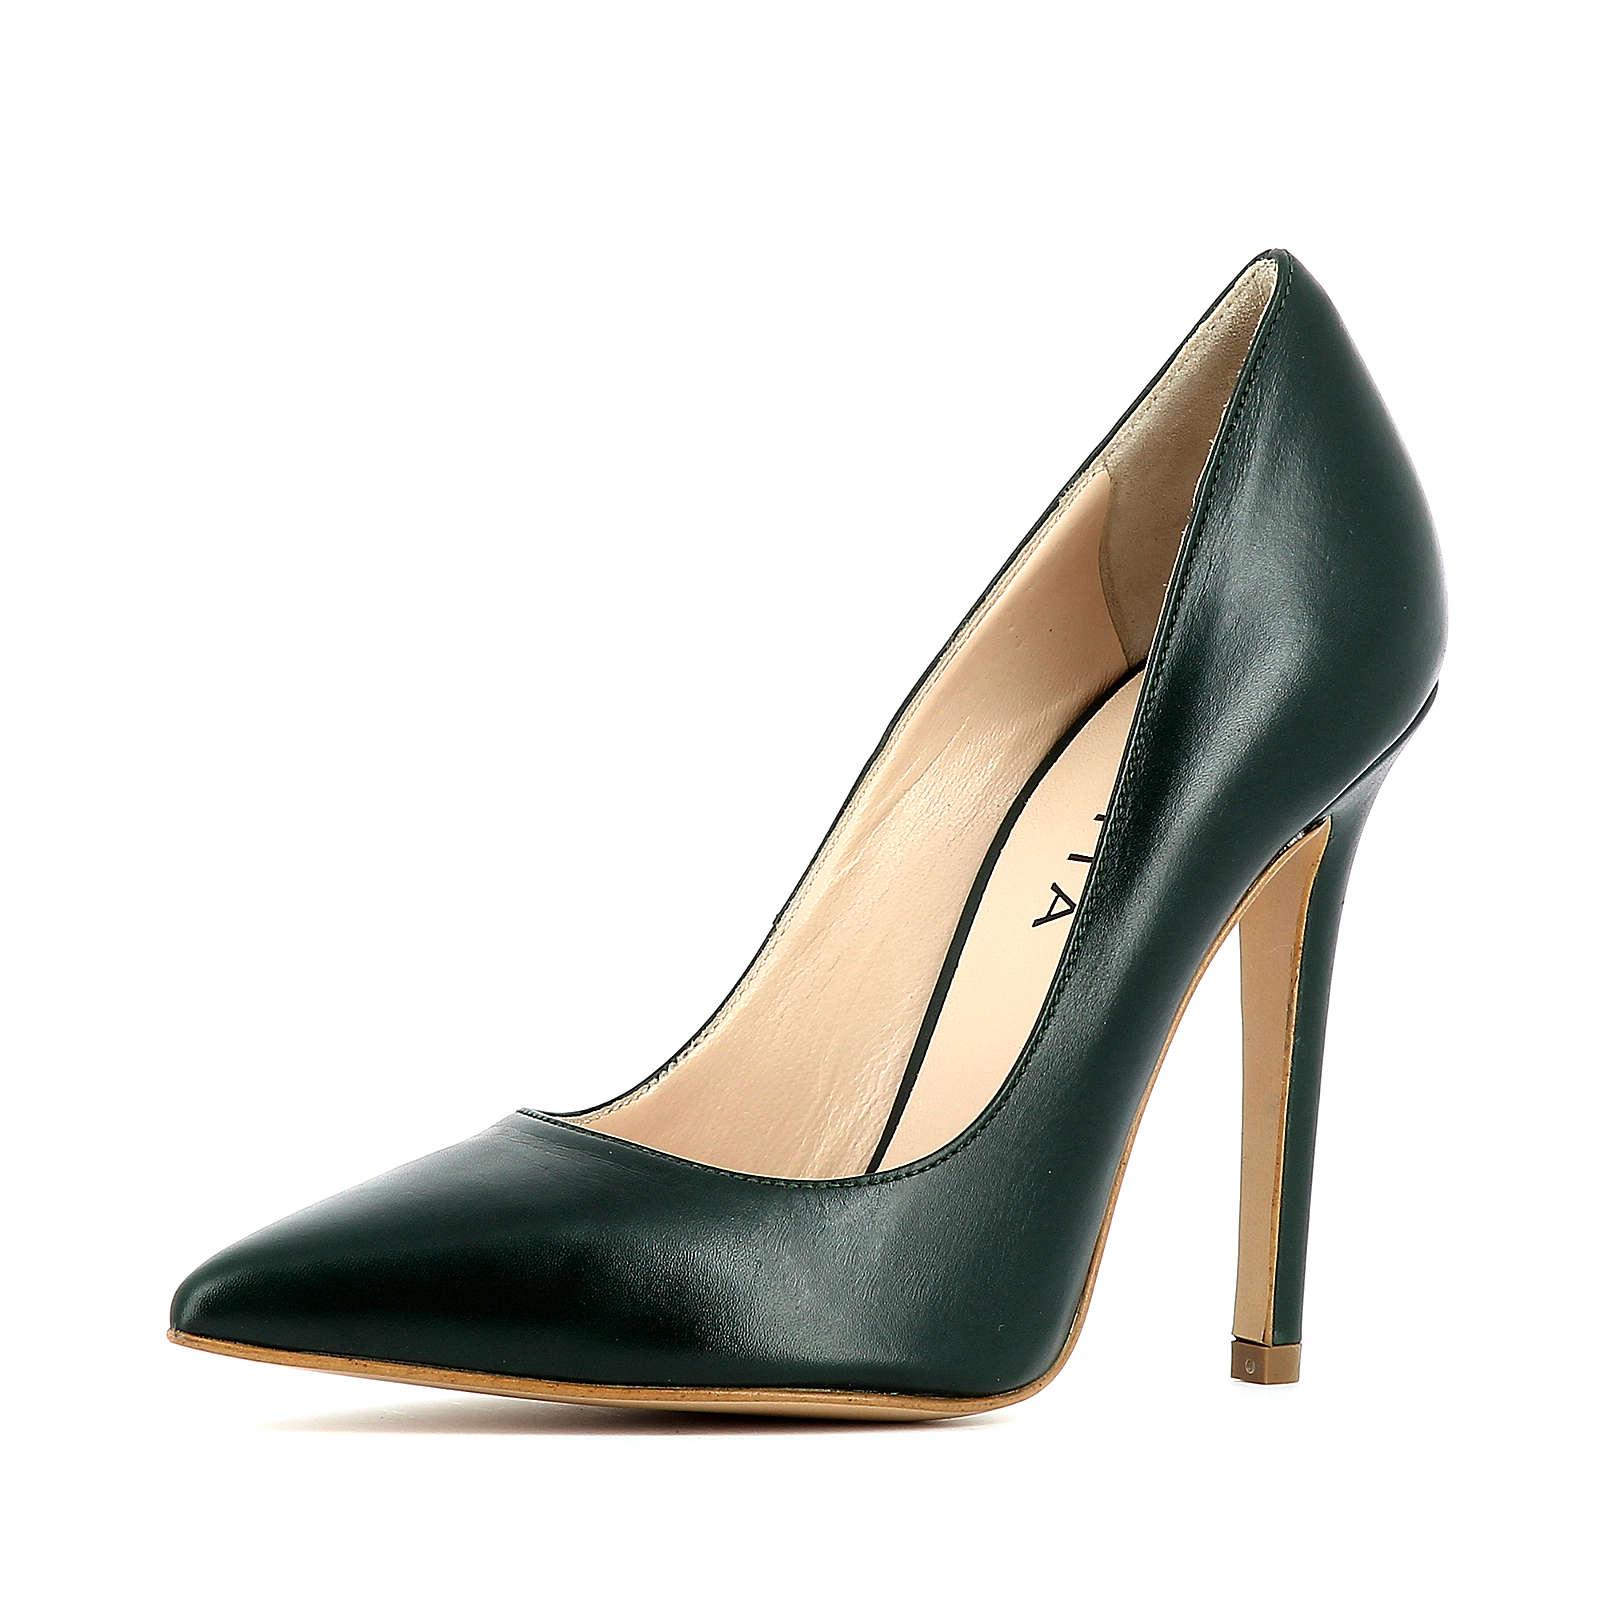 Evita Shoes Pumps dunkelgrün Damen Gr. 33